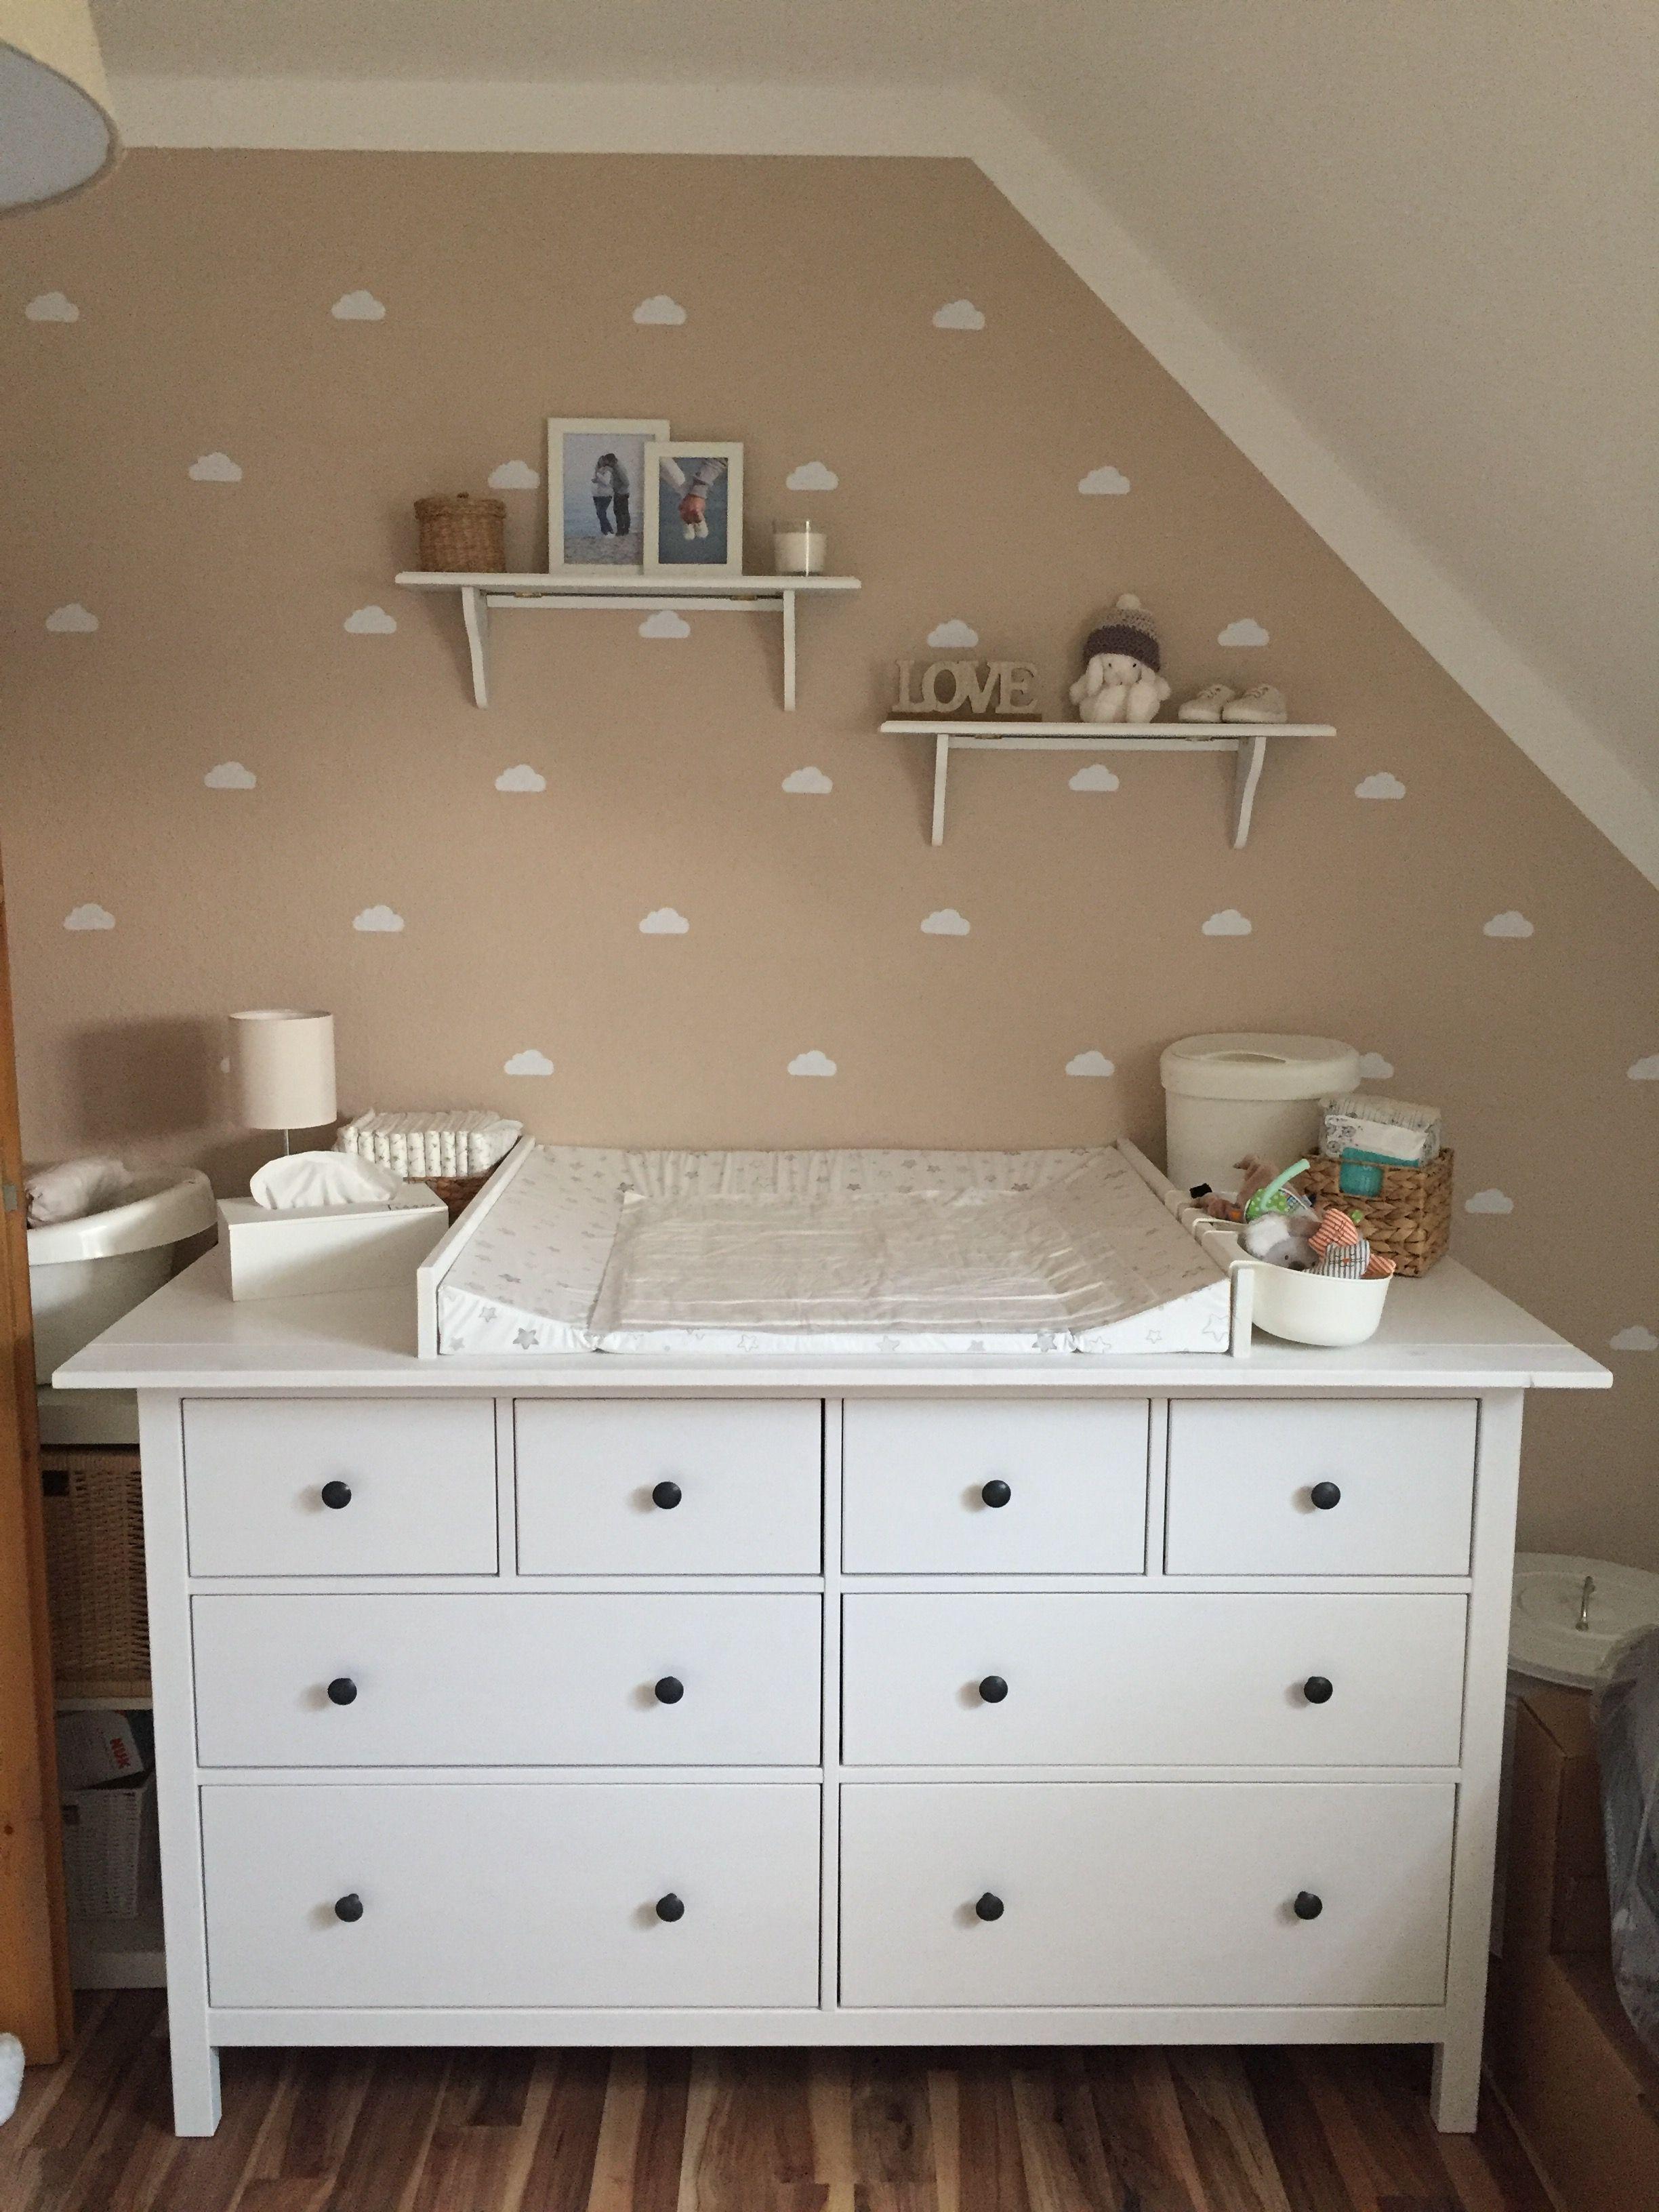 Kinderzimmer Babyzimmer beige Wolken Ikea Wickelkomode